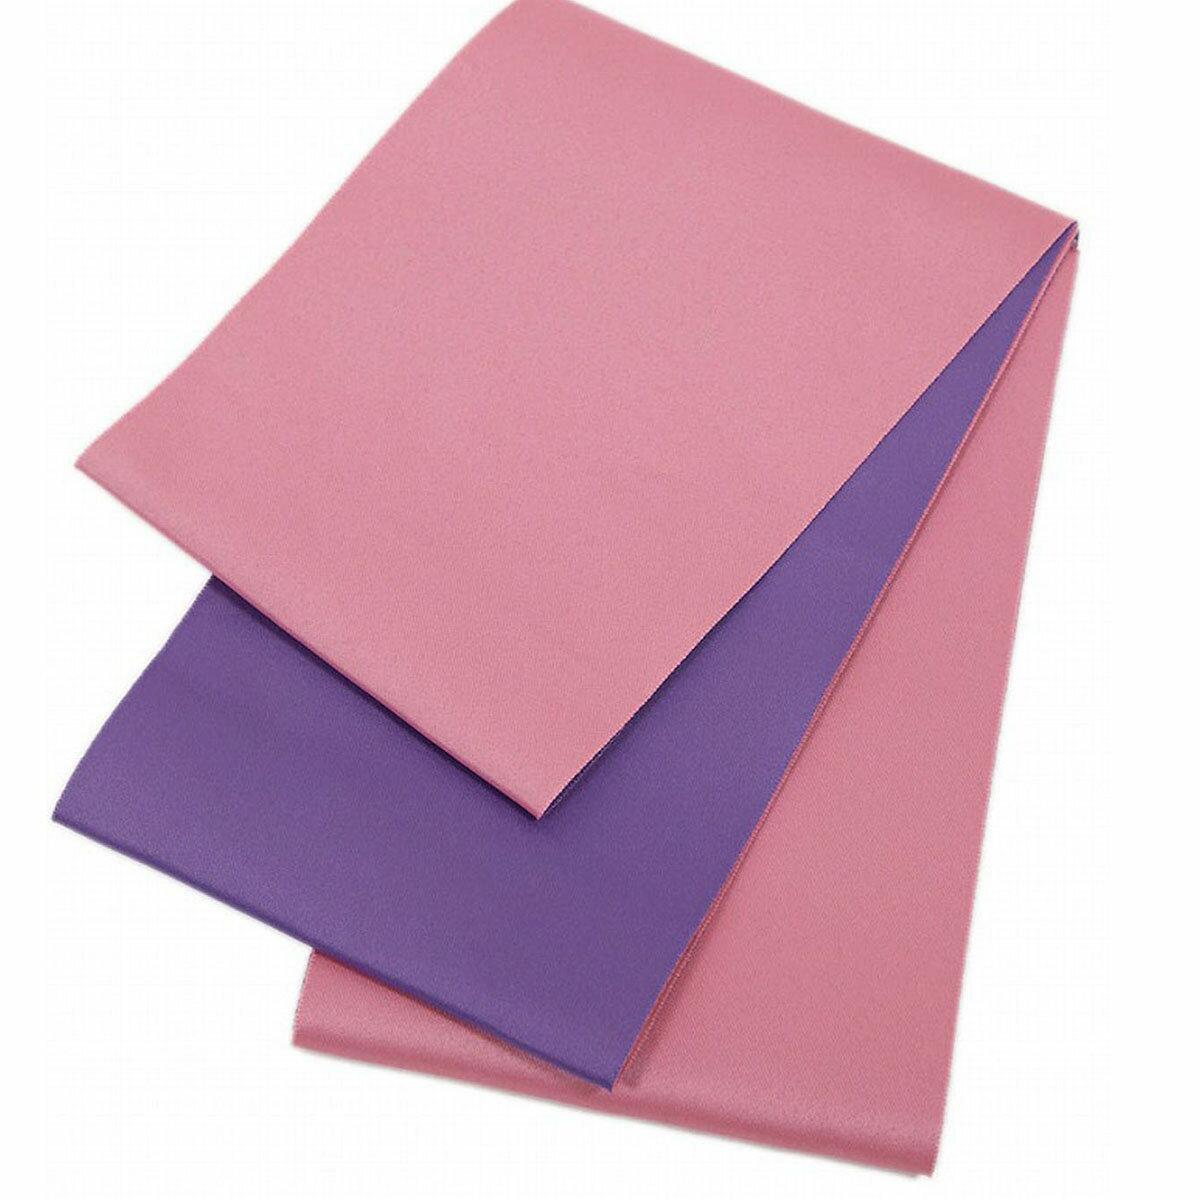 日本製 シンプル リバーシブル 浴衣帯 無地 ピンク×ラベンダー 長尺 超長尺